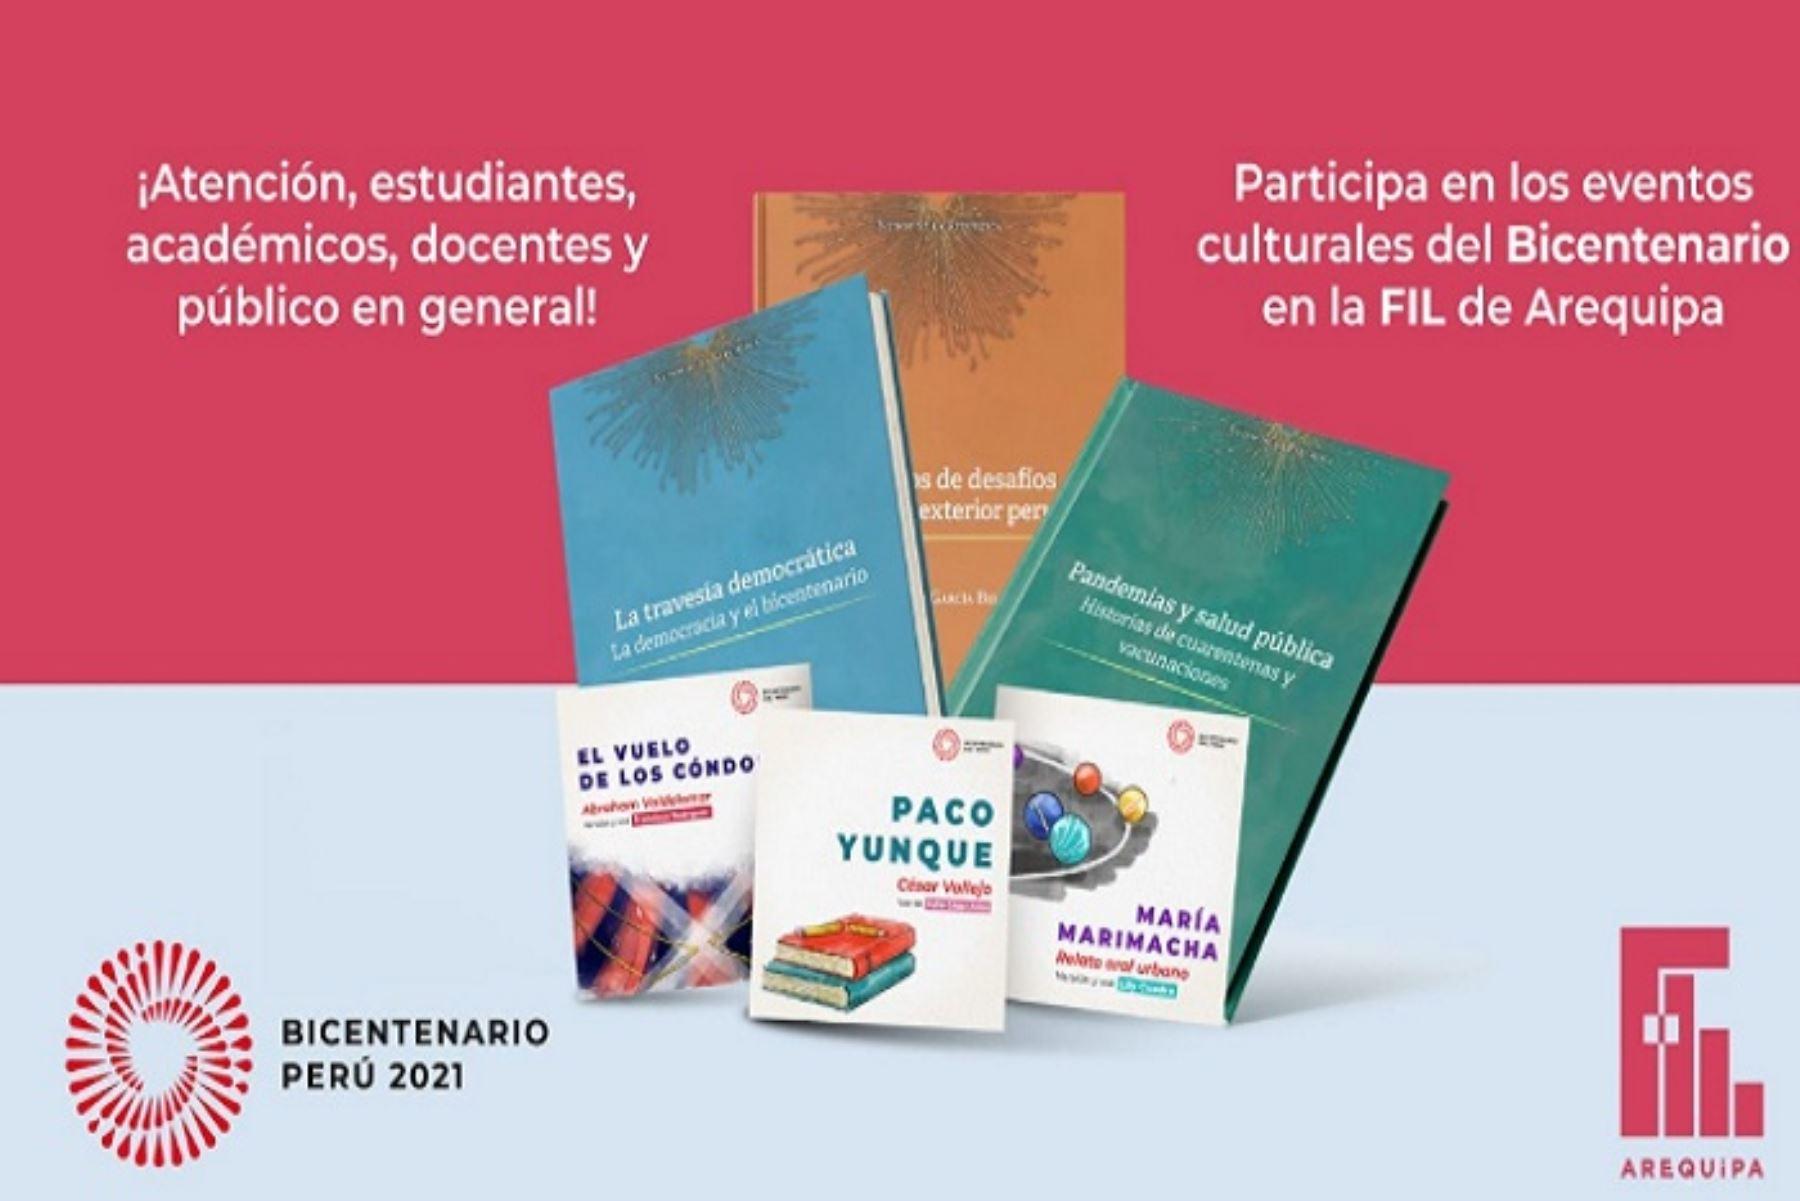 El día de la inauguración, este jueves, el público podrá conocer más sobre la Biblioteca Bicentenario, sus contenidos y recursos digitales gratuitos, entre los que destaca el repositorio histórico que reúne más de 600 libros y documentos relacionados con la independencia y la vida republicana del Perú.